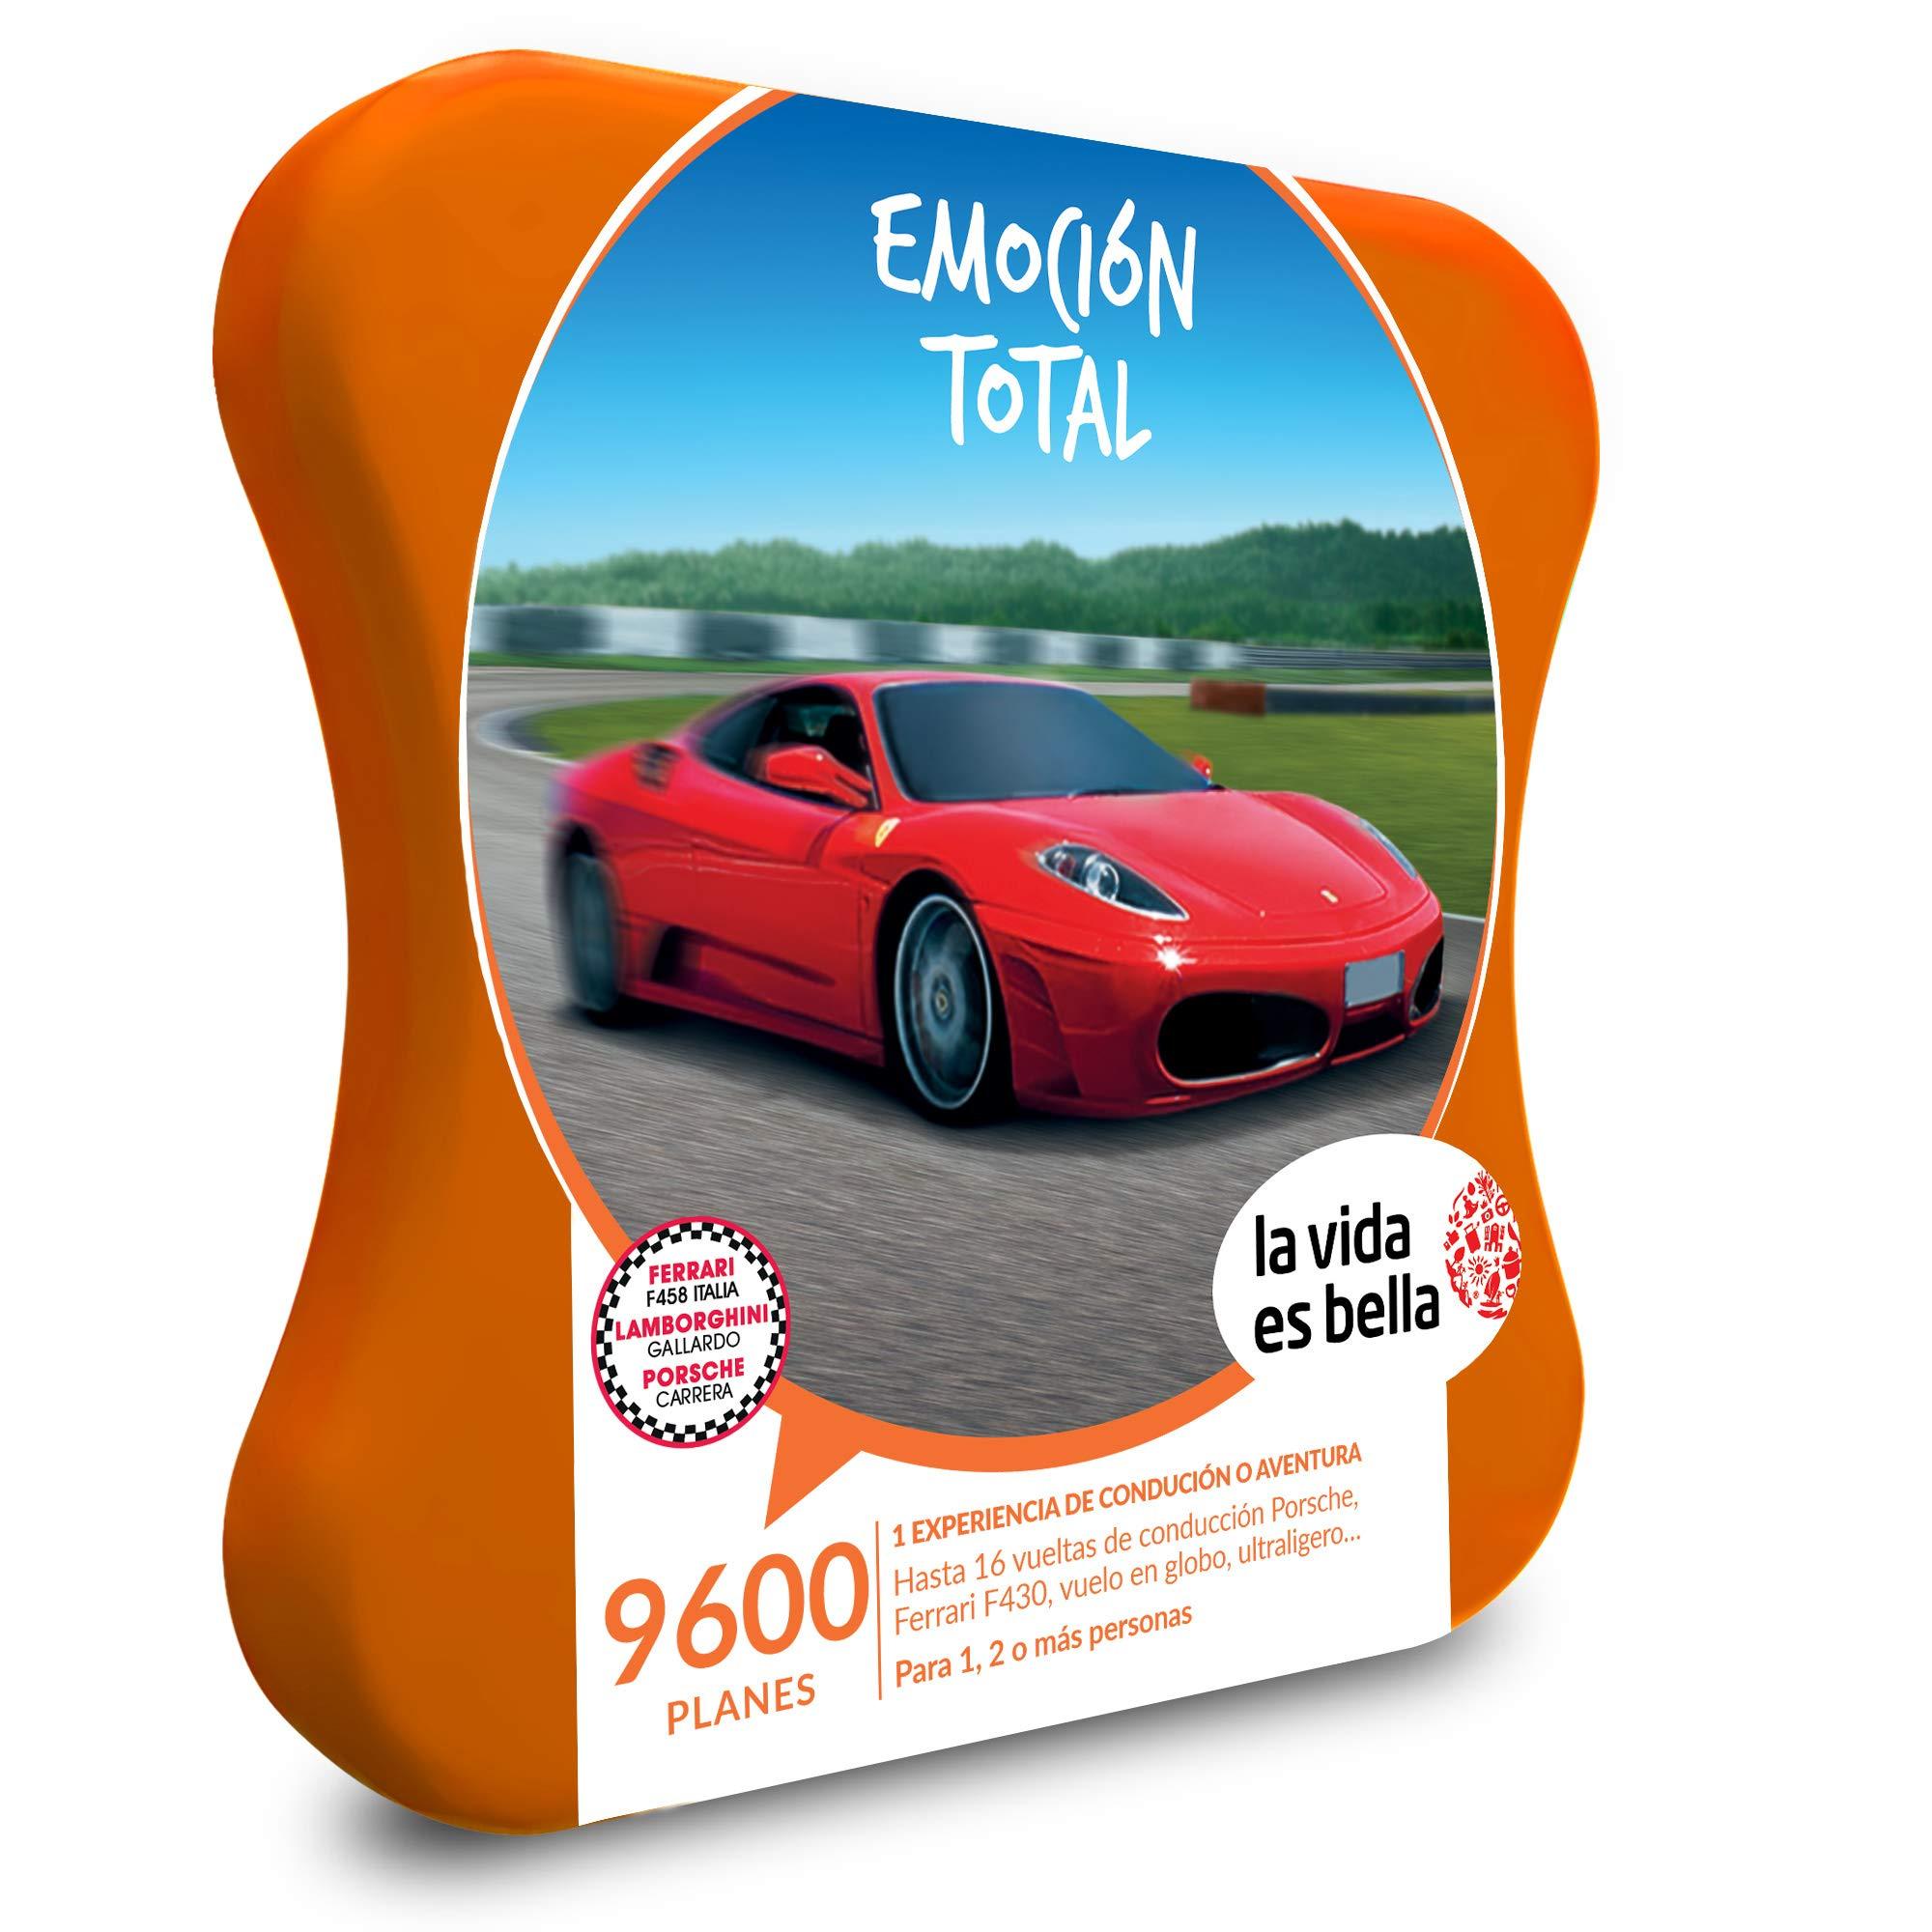 LA VIDA ES BELLA - Caja Regalo hombre mujer pareja idea de regalo - Emoción total - 9600 planes de aventura como conducción en Porsche o Ferrari, vuelo en globo y ultraligero: